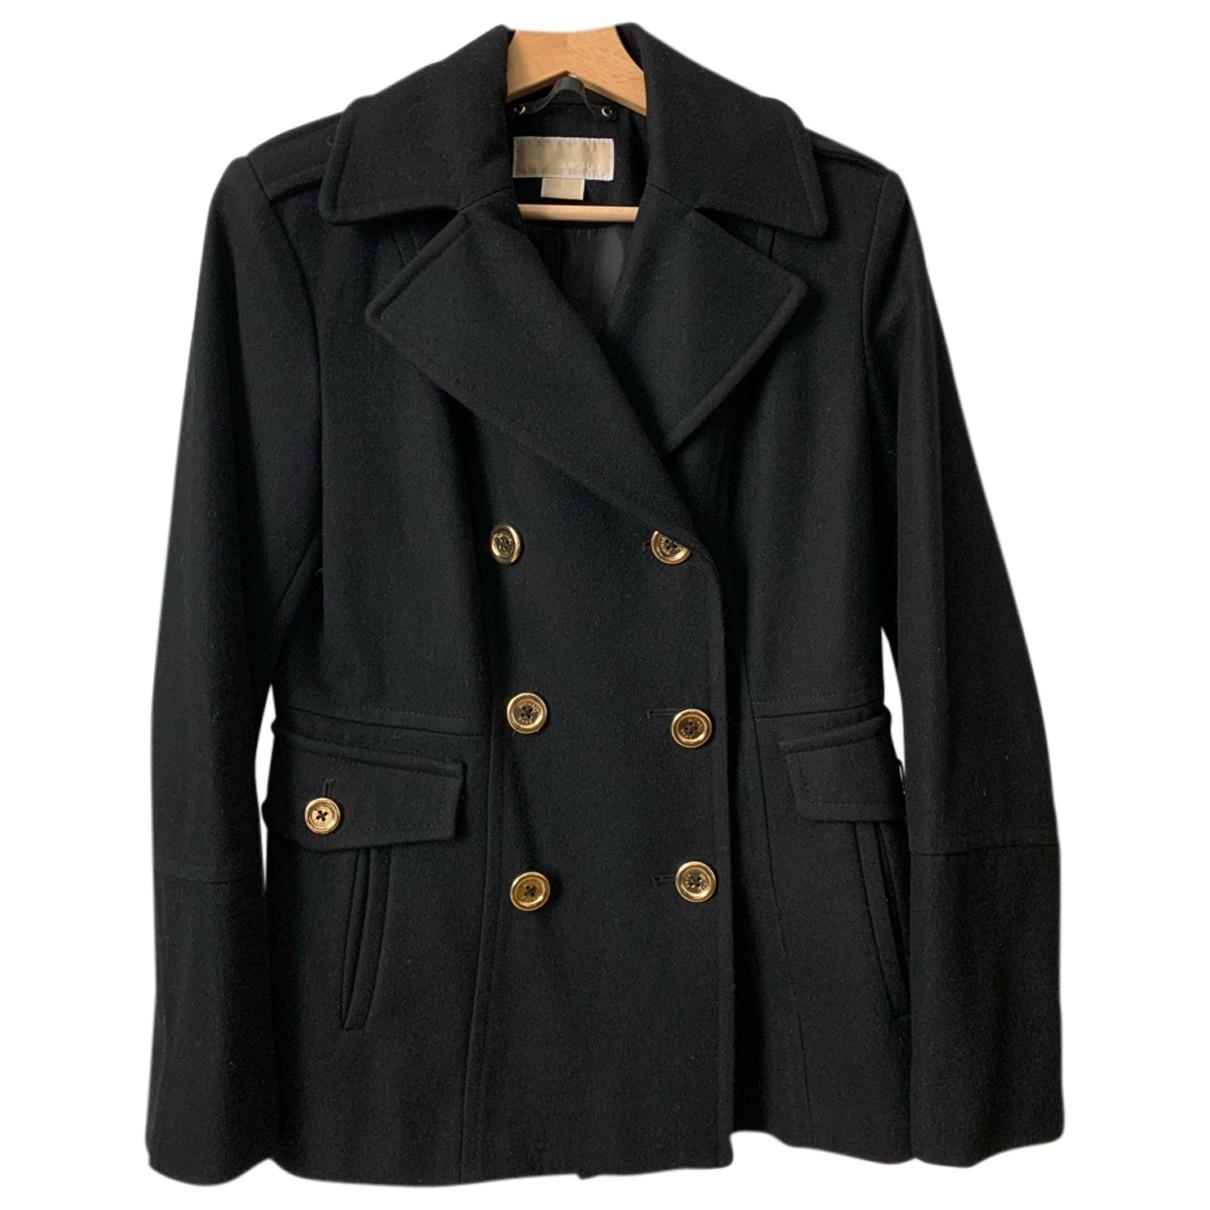 Michael Kors - Manteau   pour femme en laine - noir